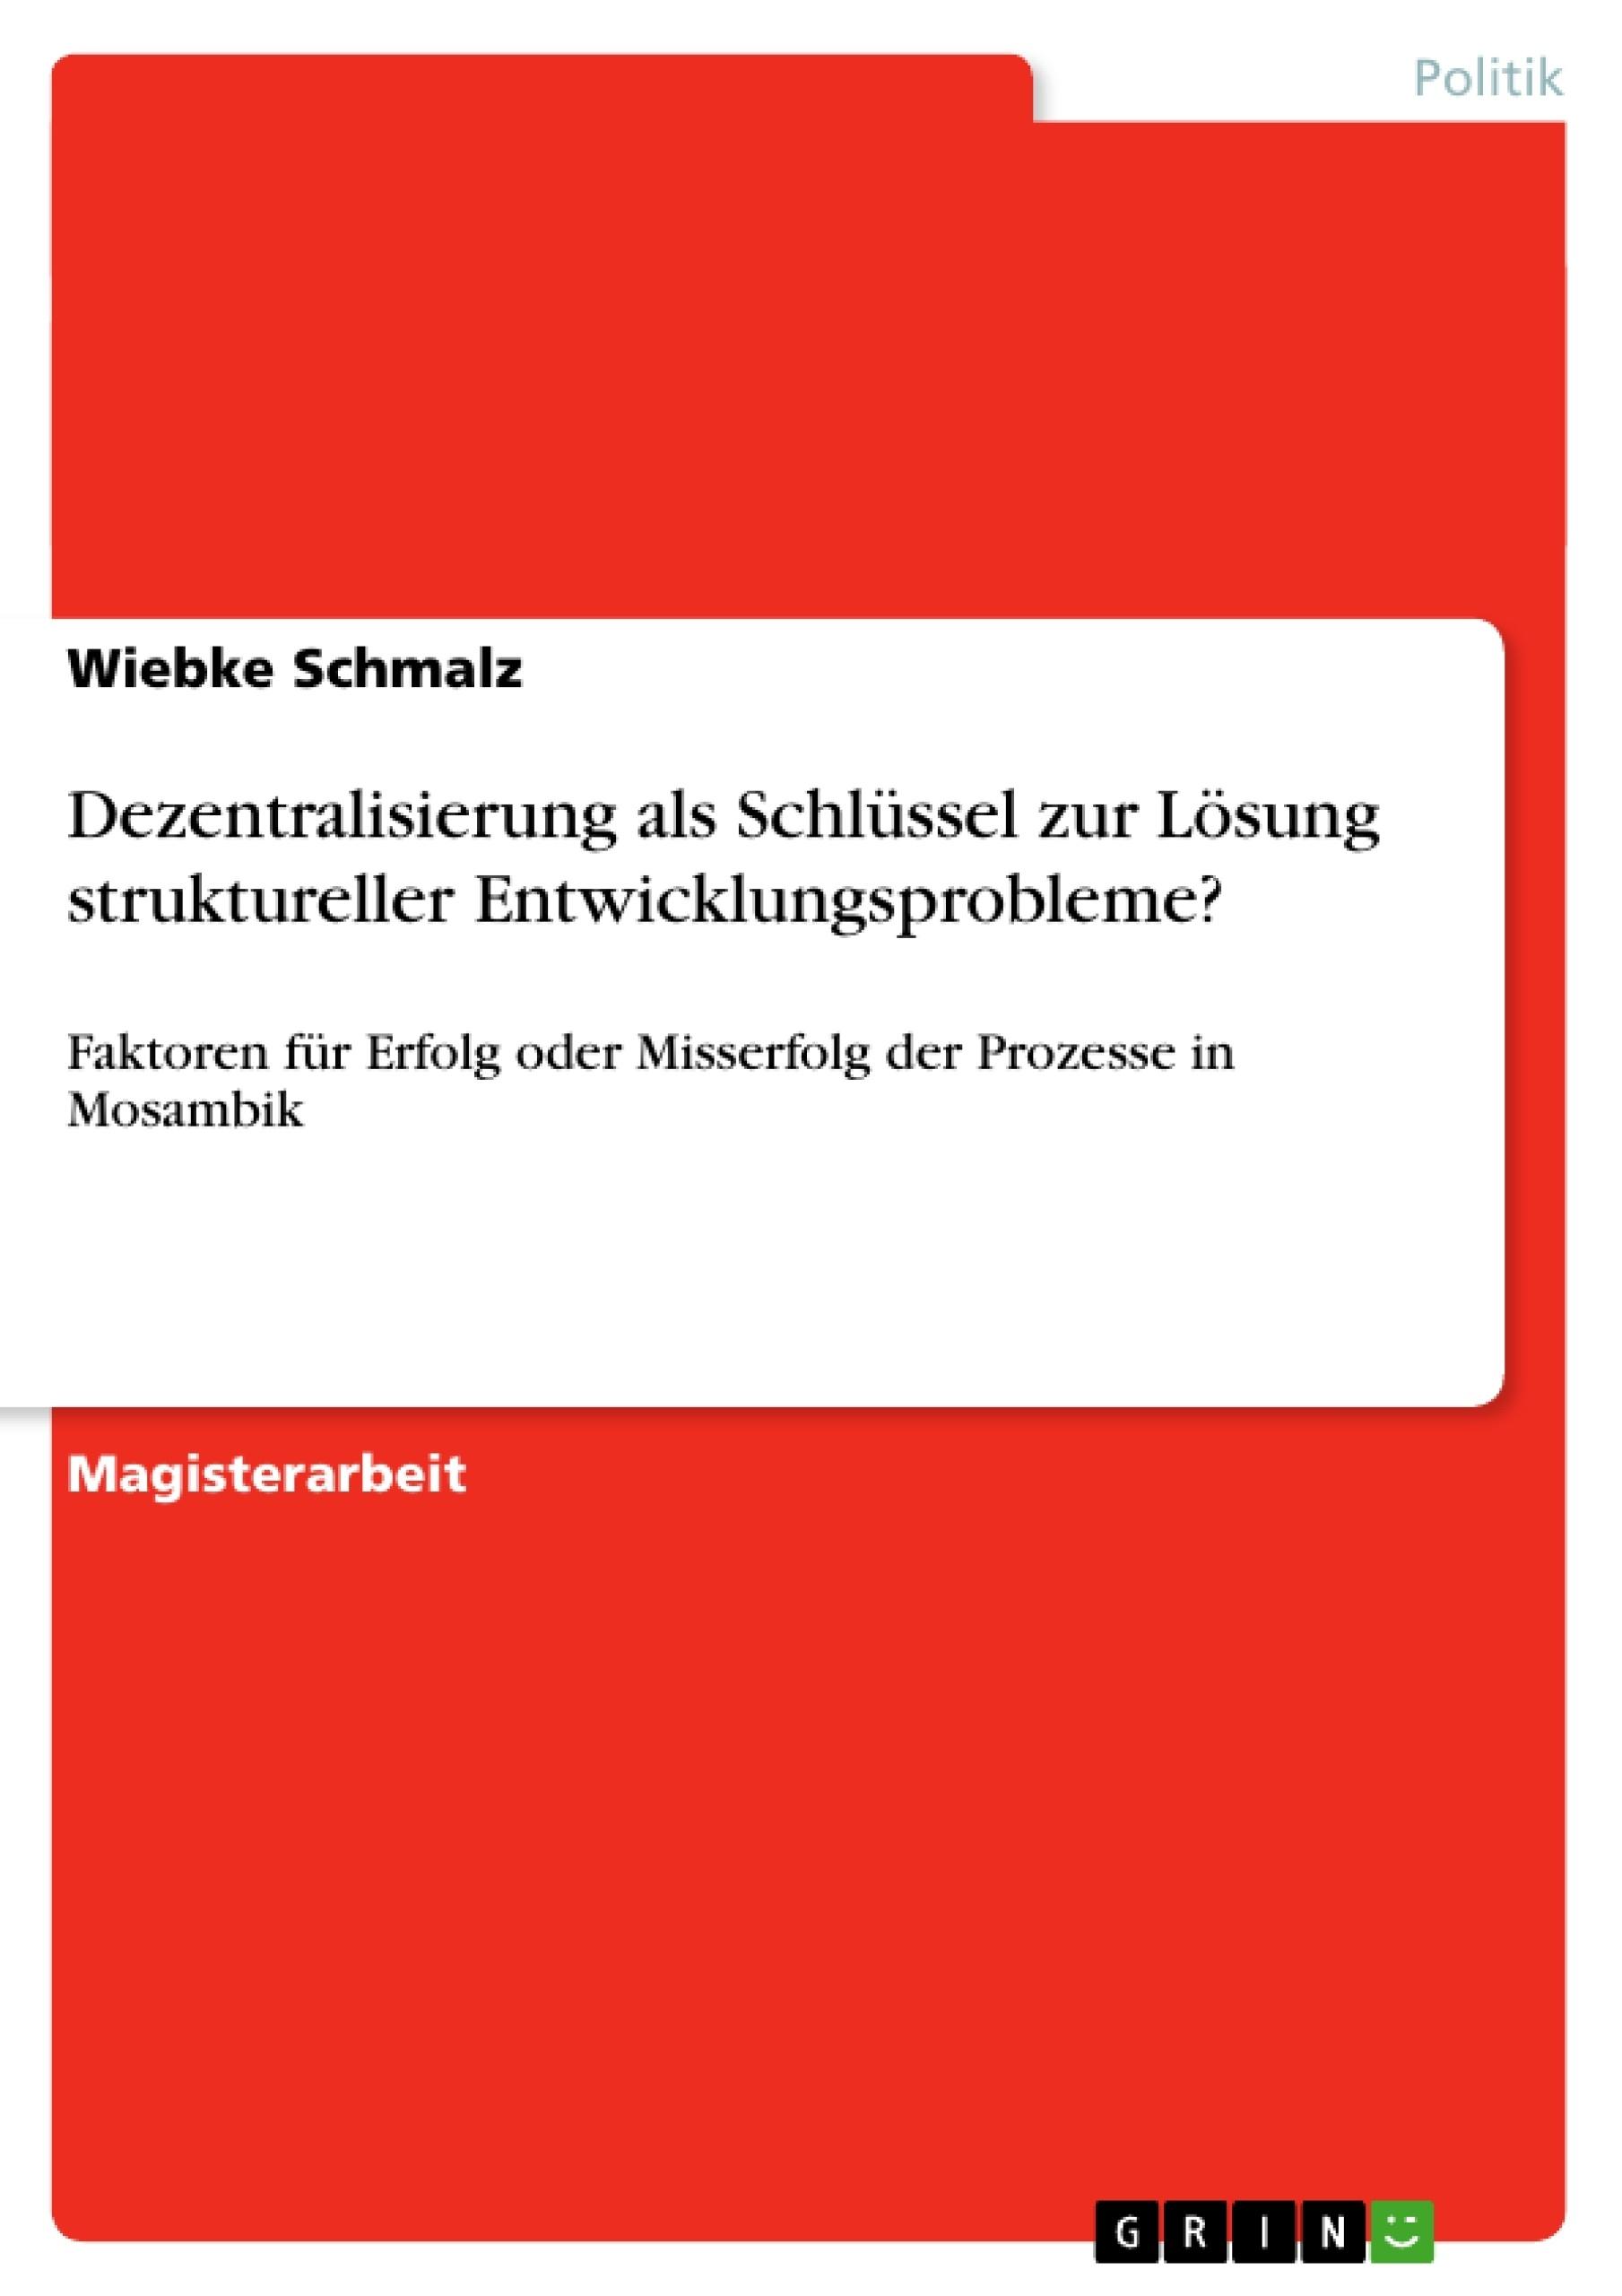 Titel: Dezentralisierung als Schlüssel zur Lösung struktureller Entwicklungsprobleme?